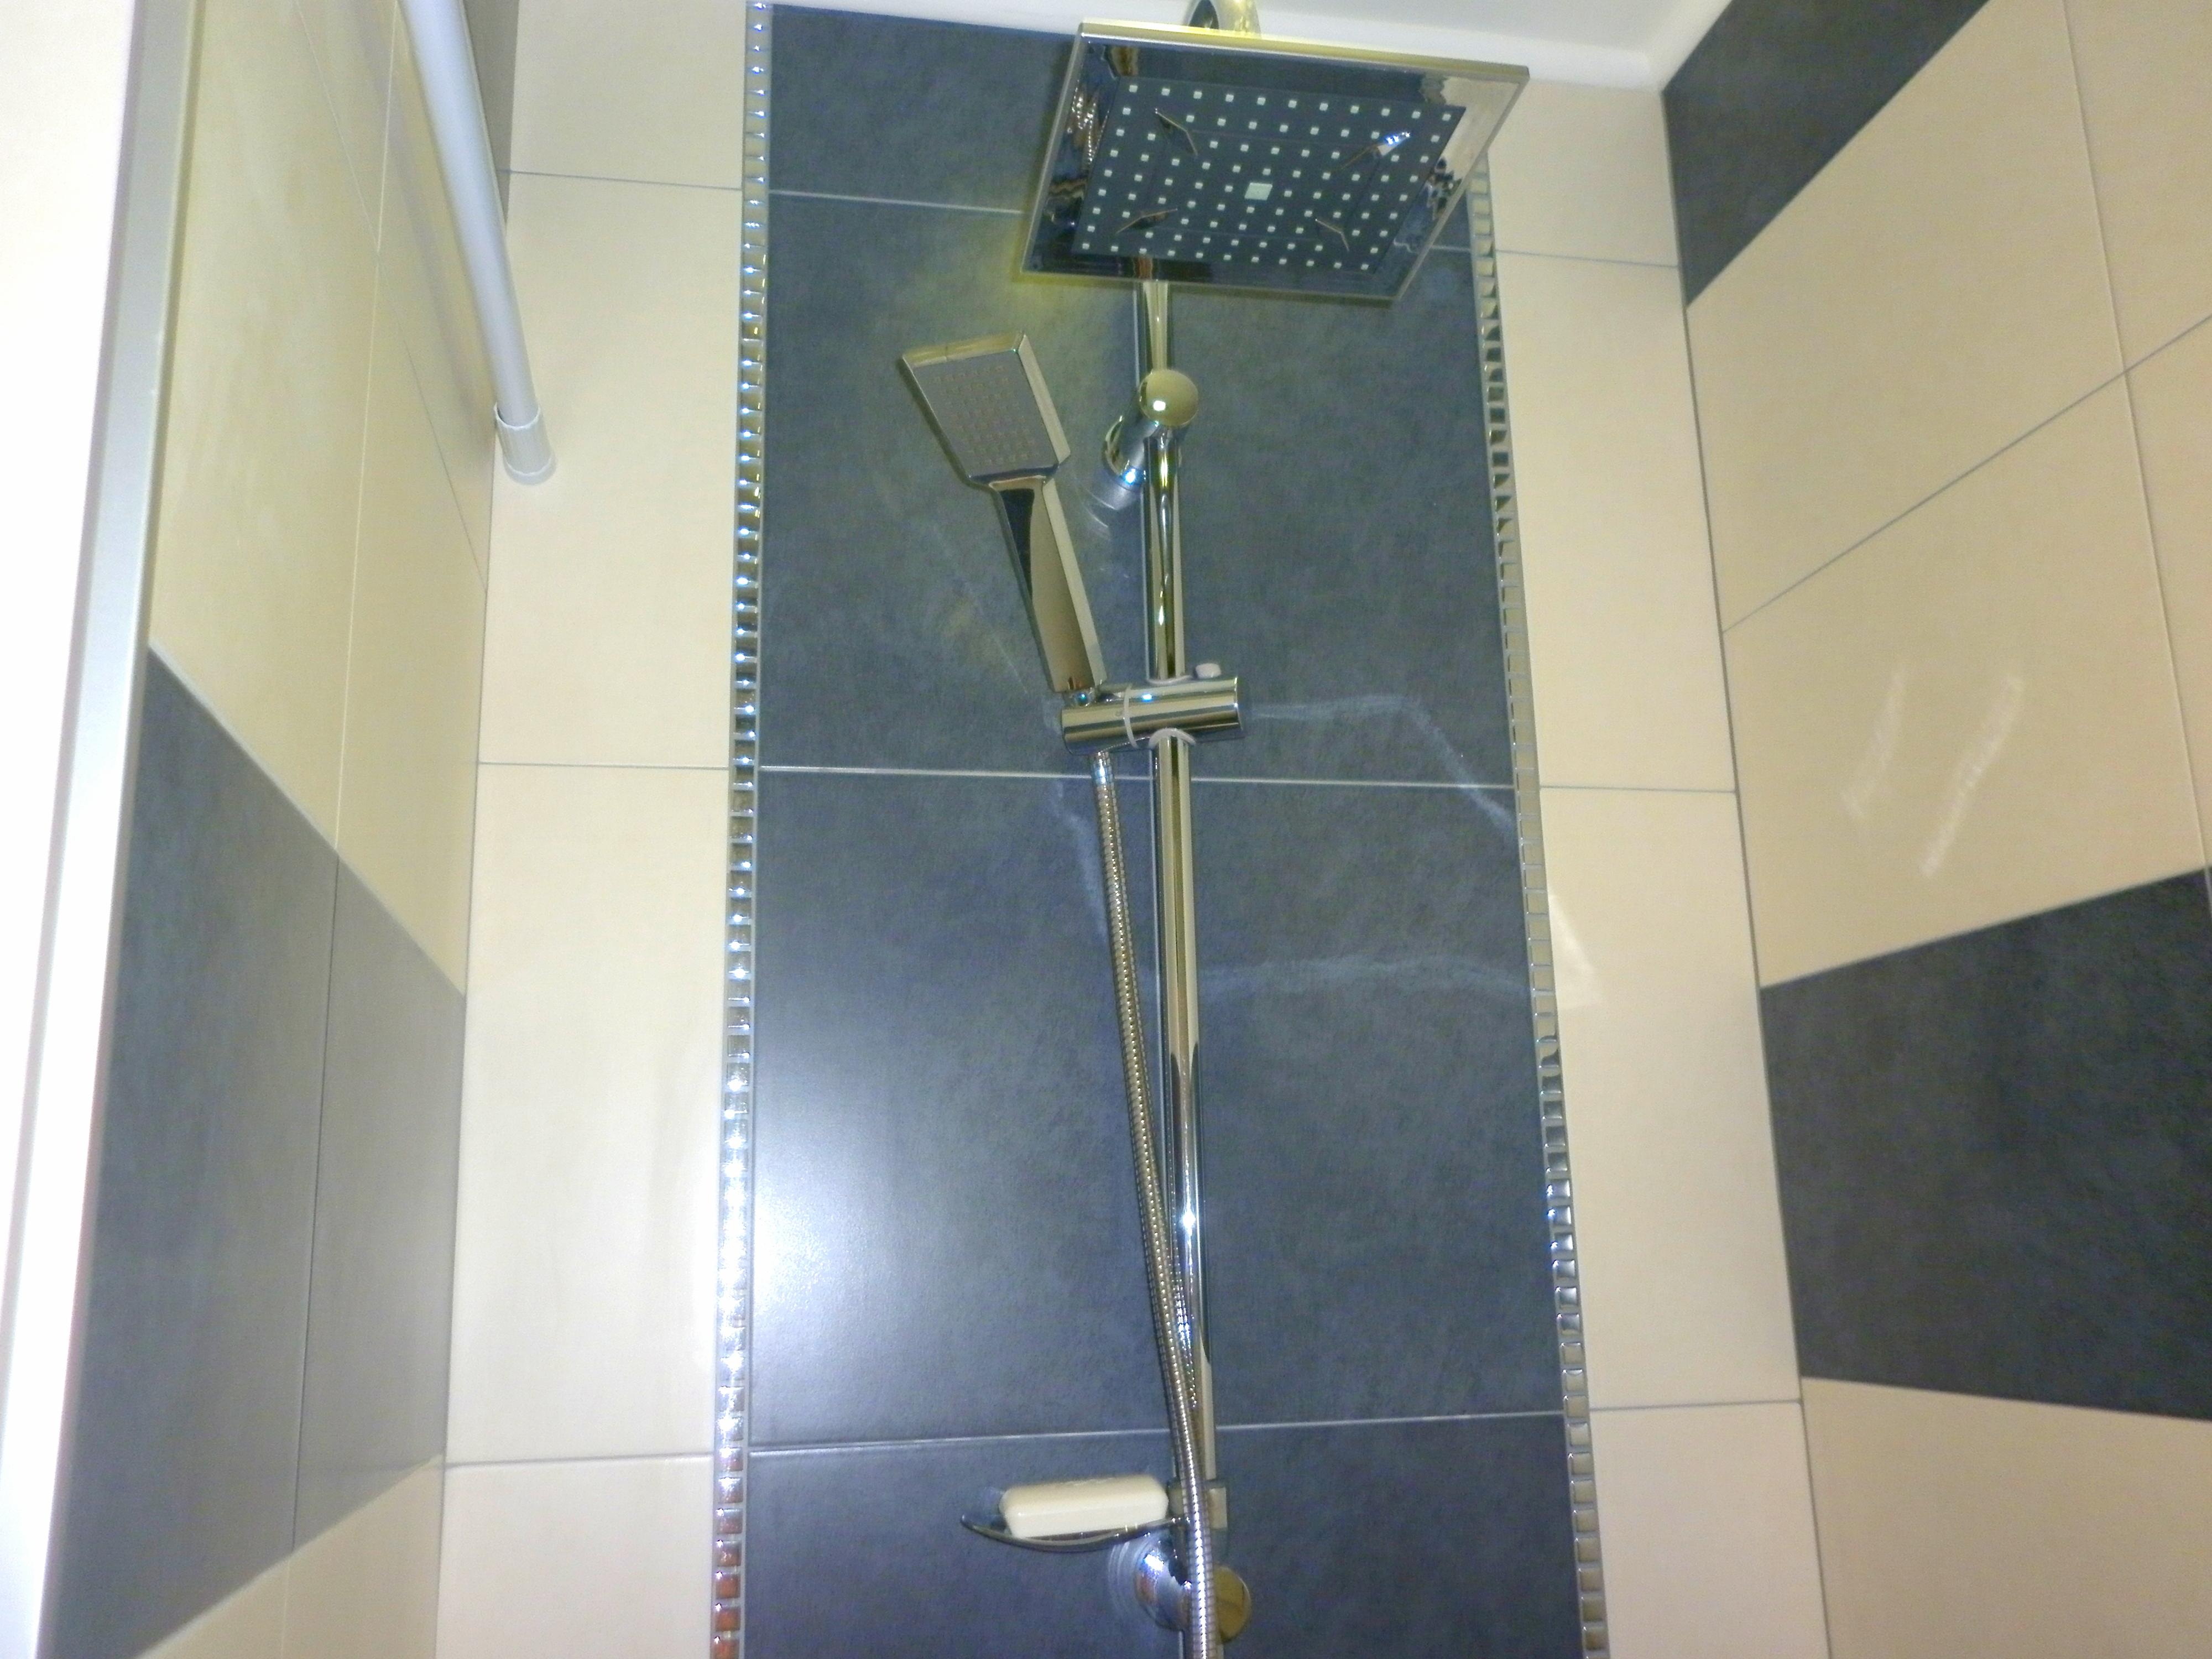 Къща за гости Златоград баня 2.3